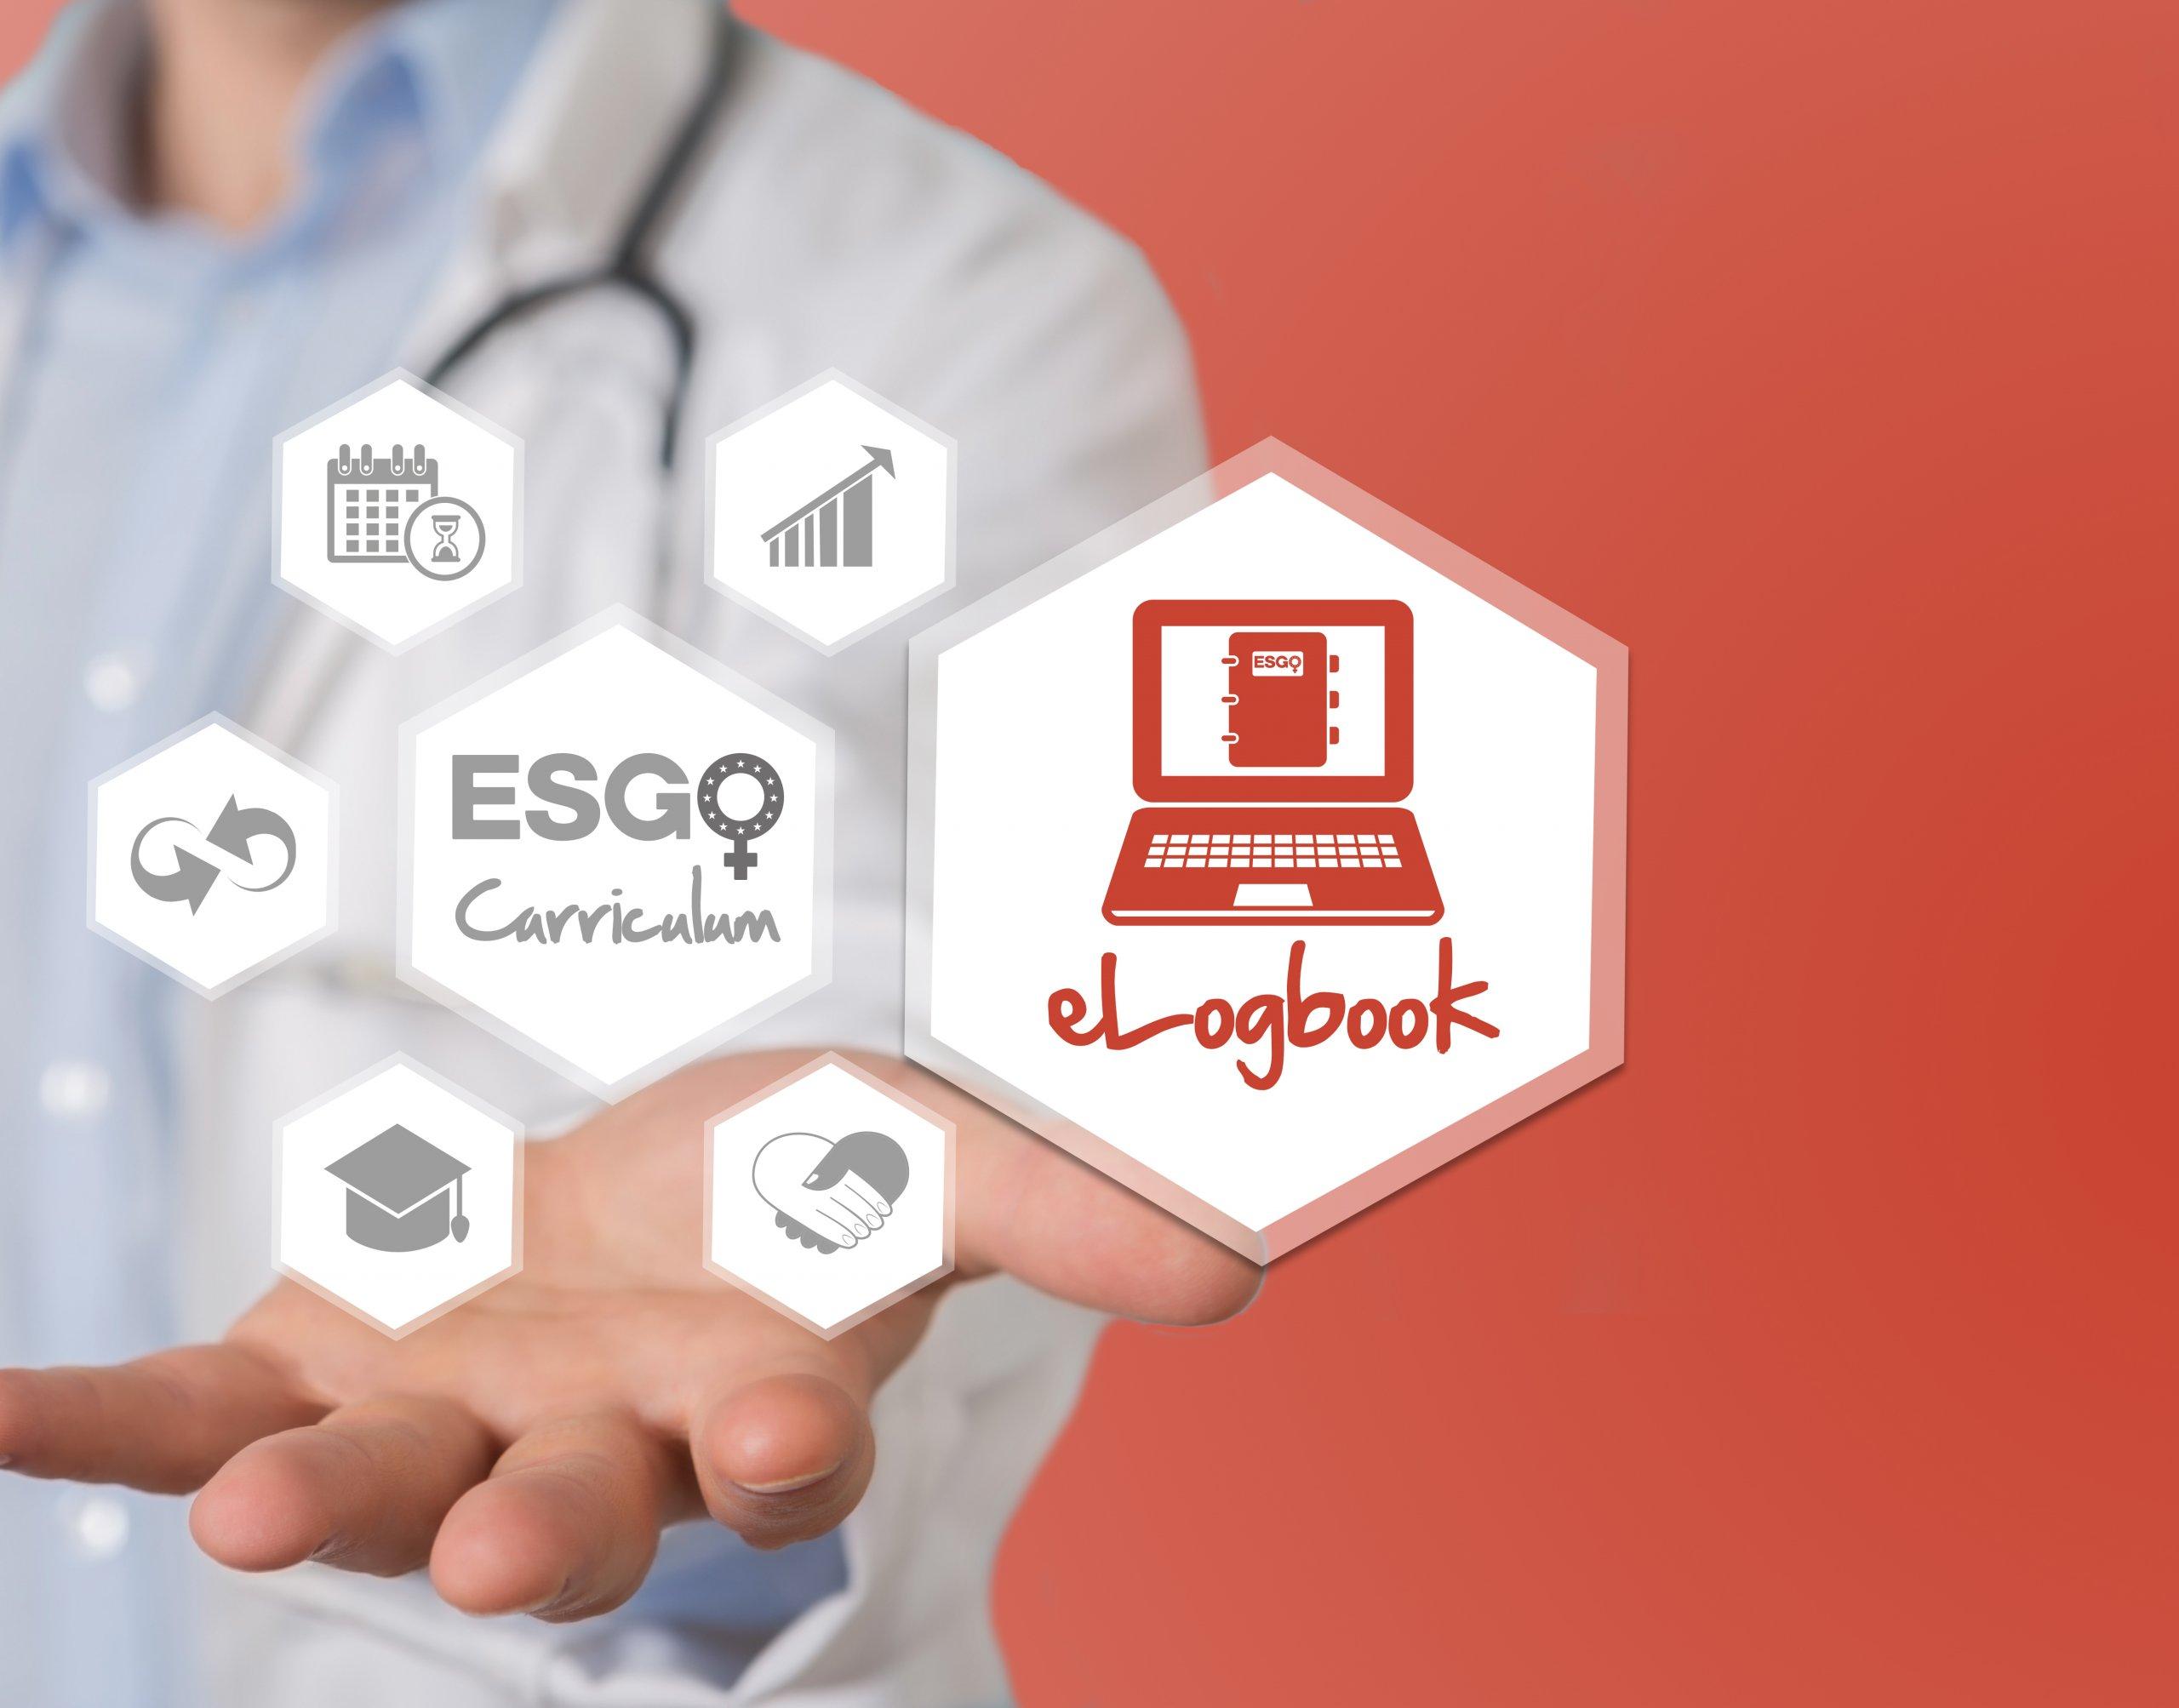 eLogbook